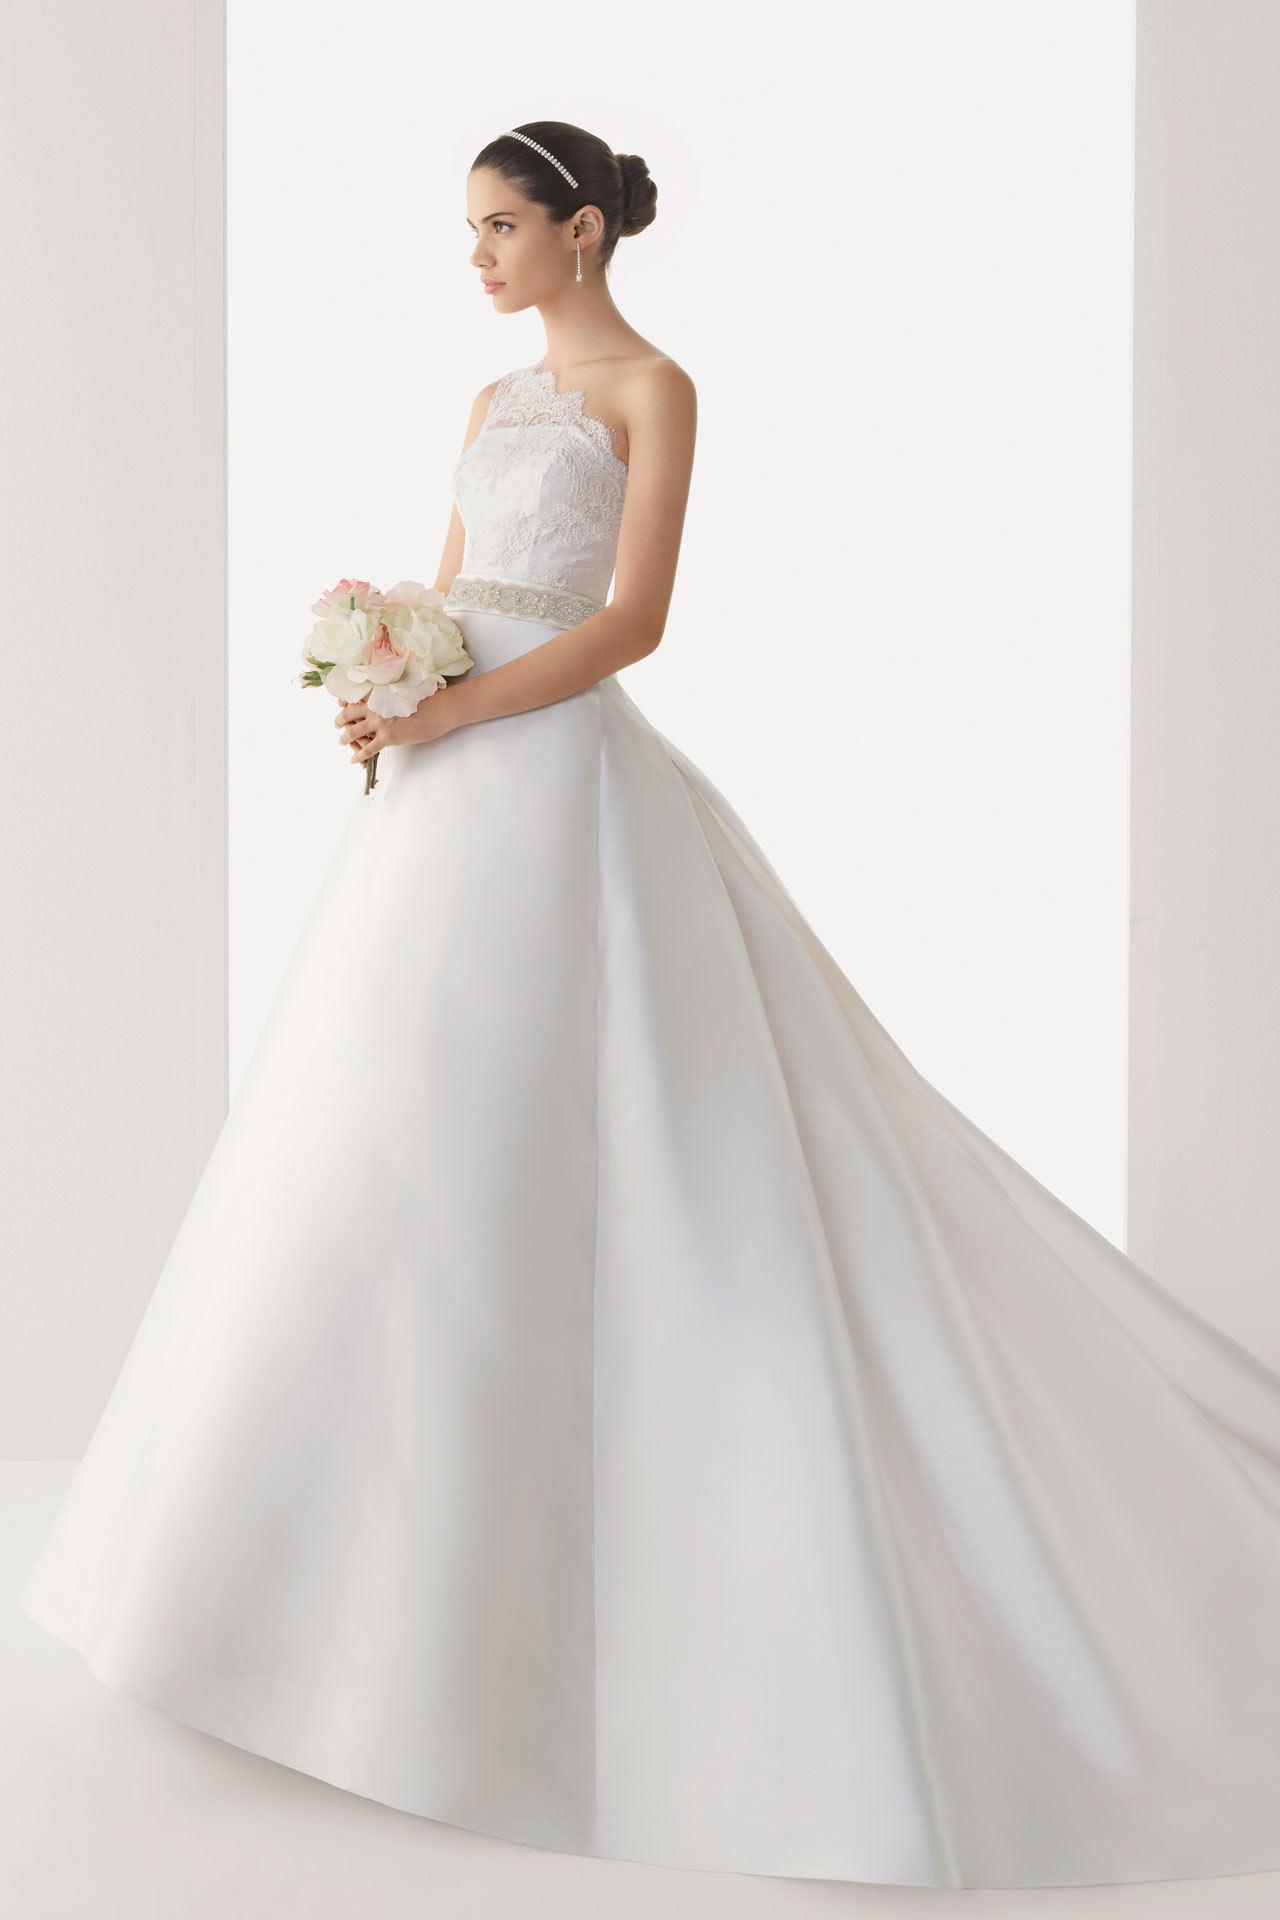 Langes weißes schönes Brautkleider